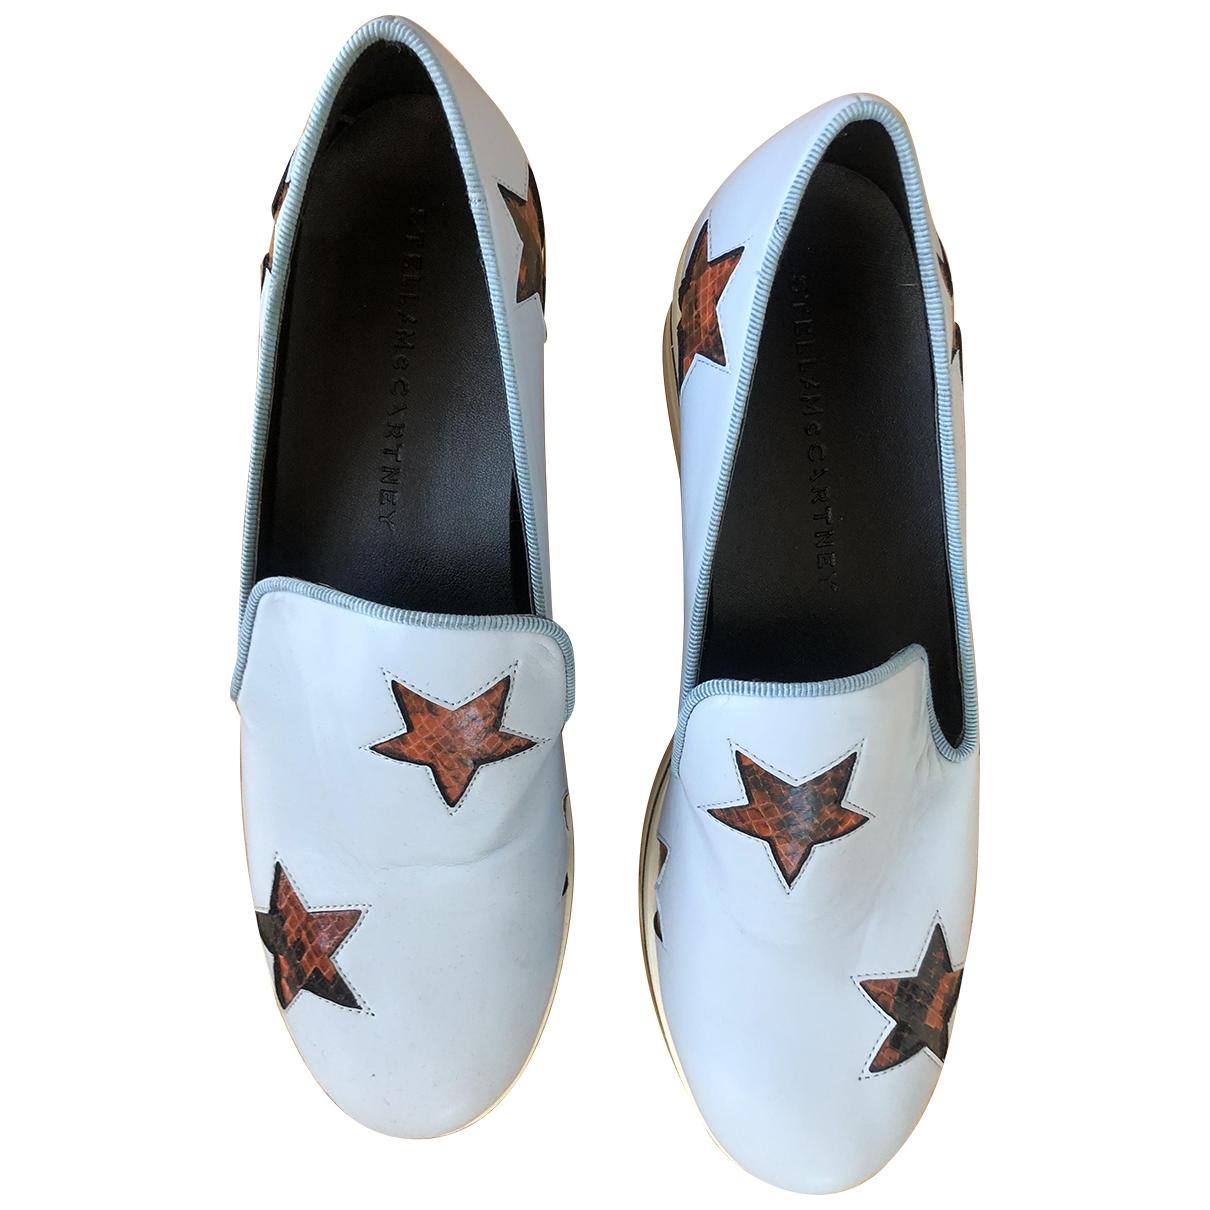 Stella Mccartney Binx Sneakers in  Blau Leinen